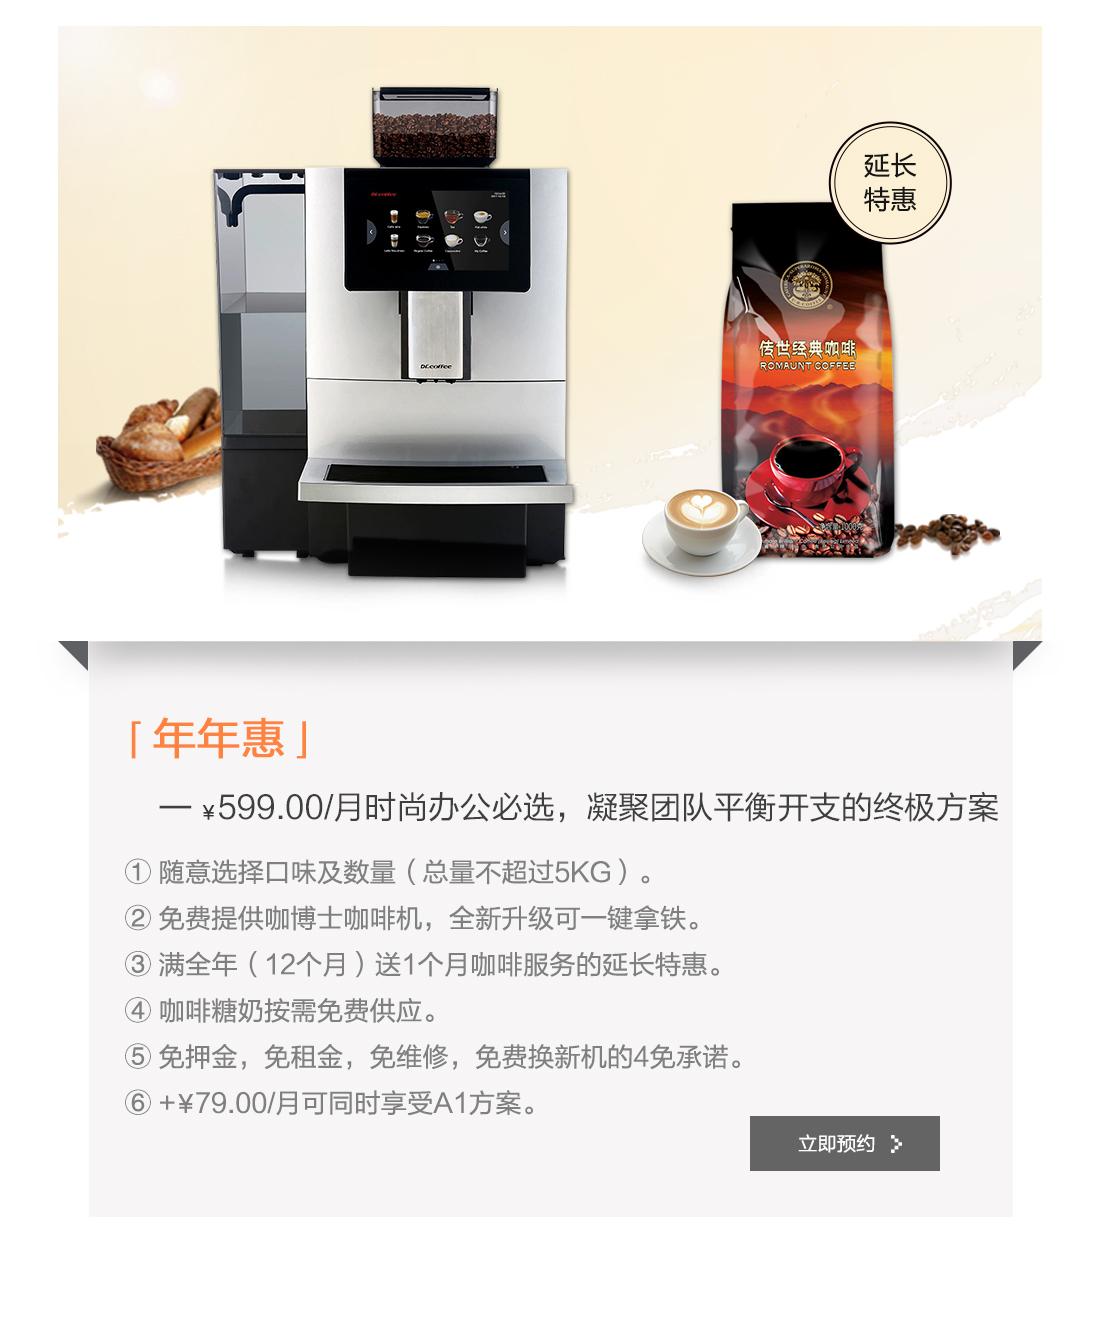 咖啡机服务二级页面(手机端)_04